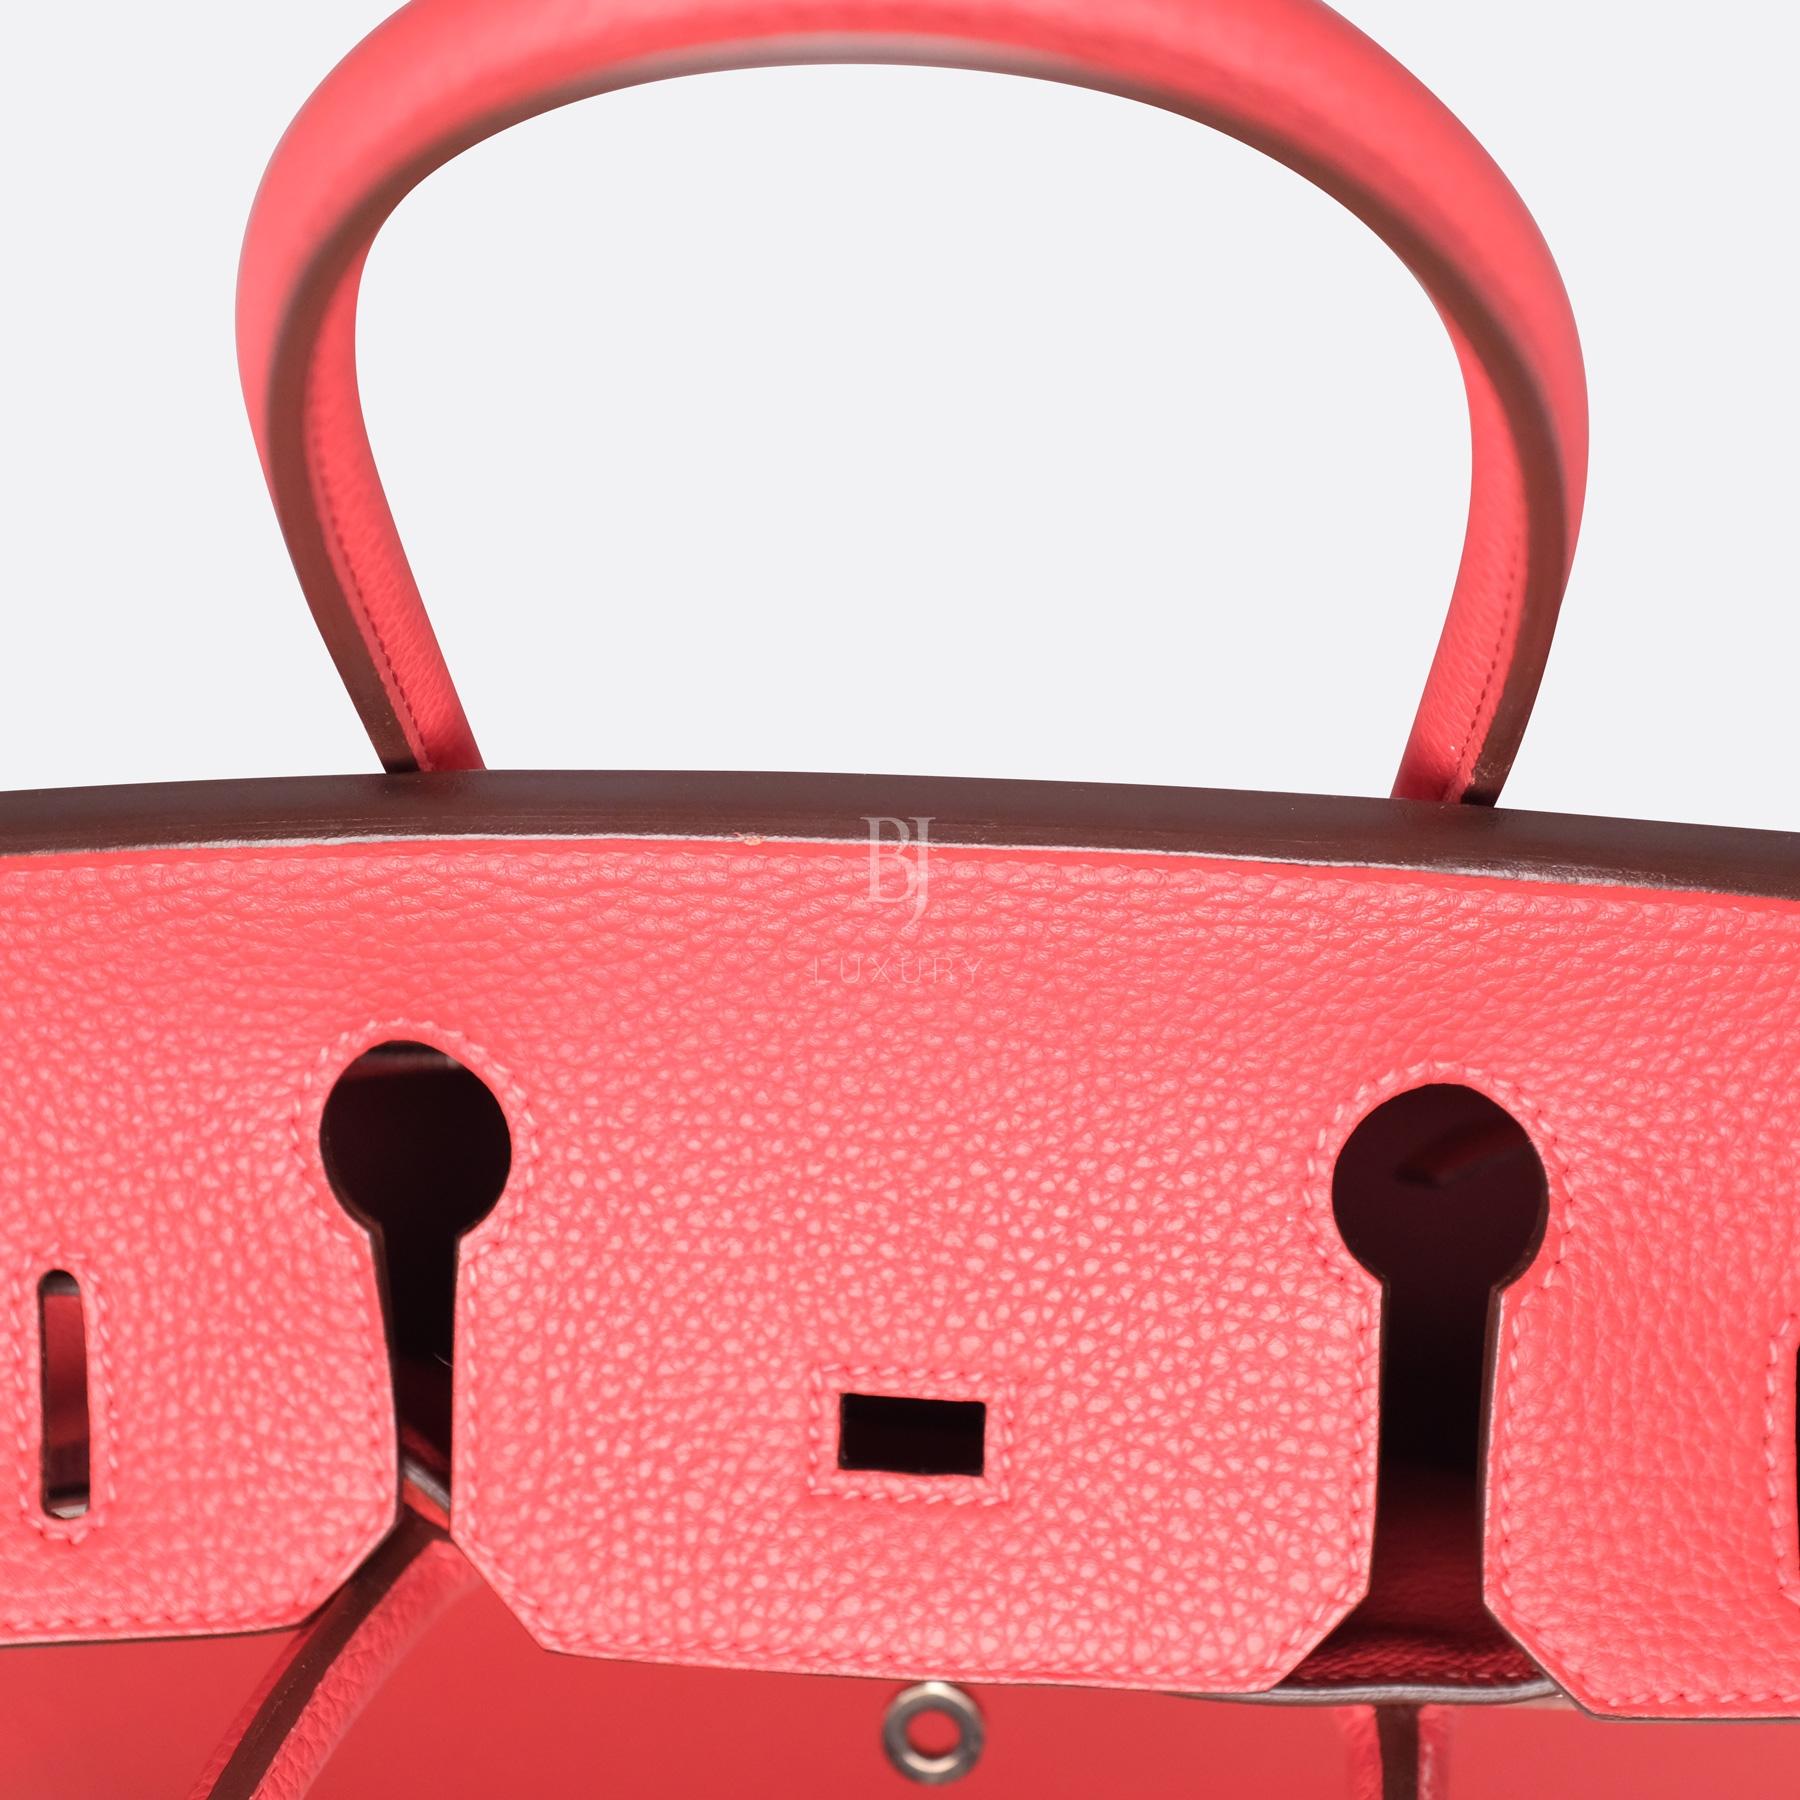 Hermes Birkin 30 Rougue Pivoine Togo Palladium BJ Luxury 5.jpg